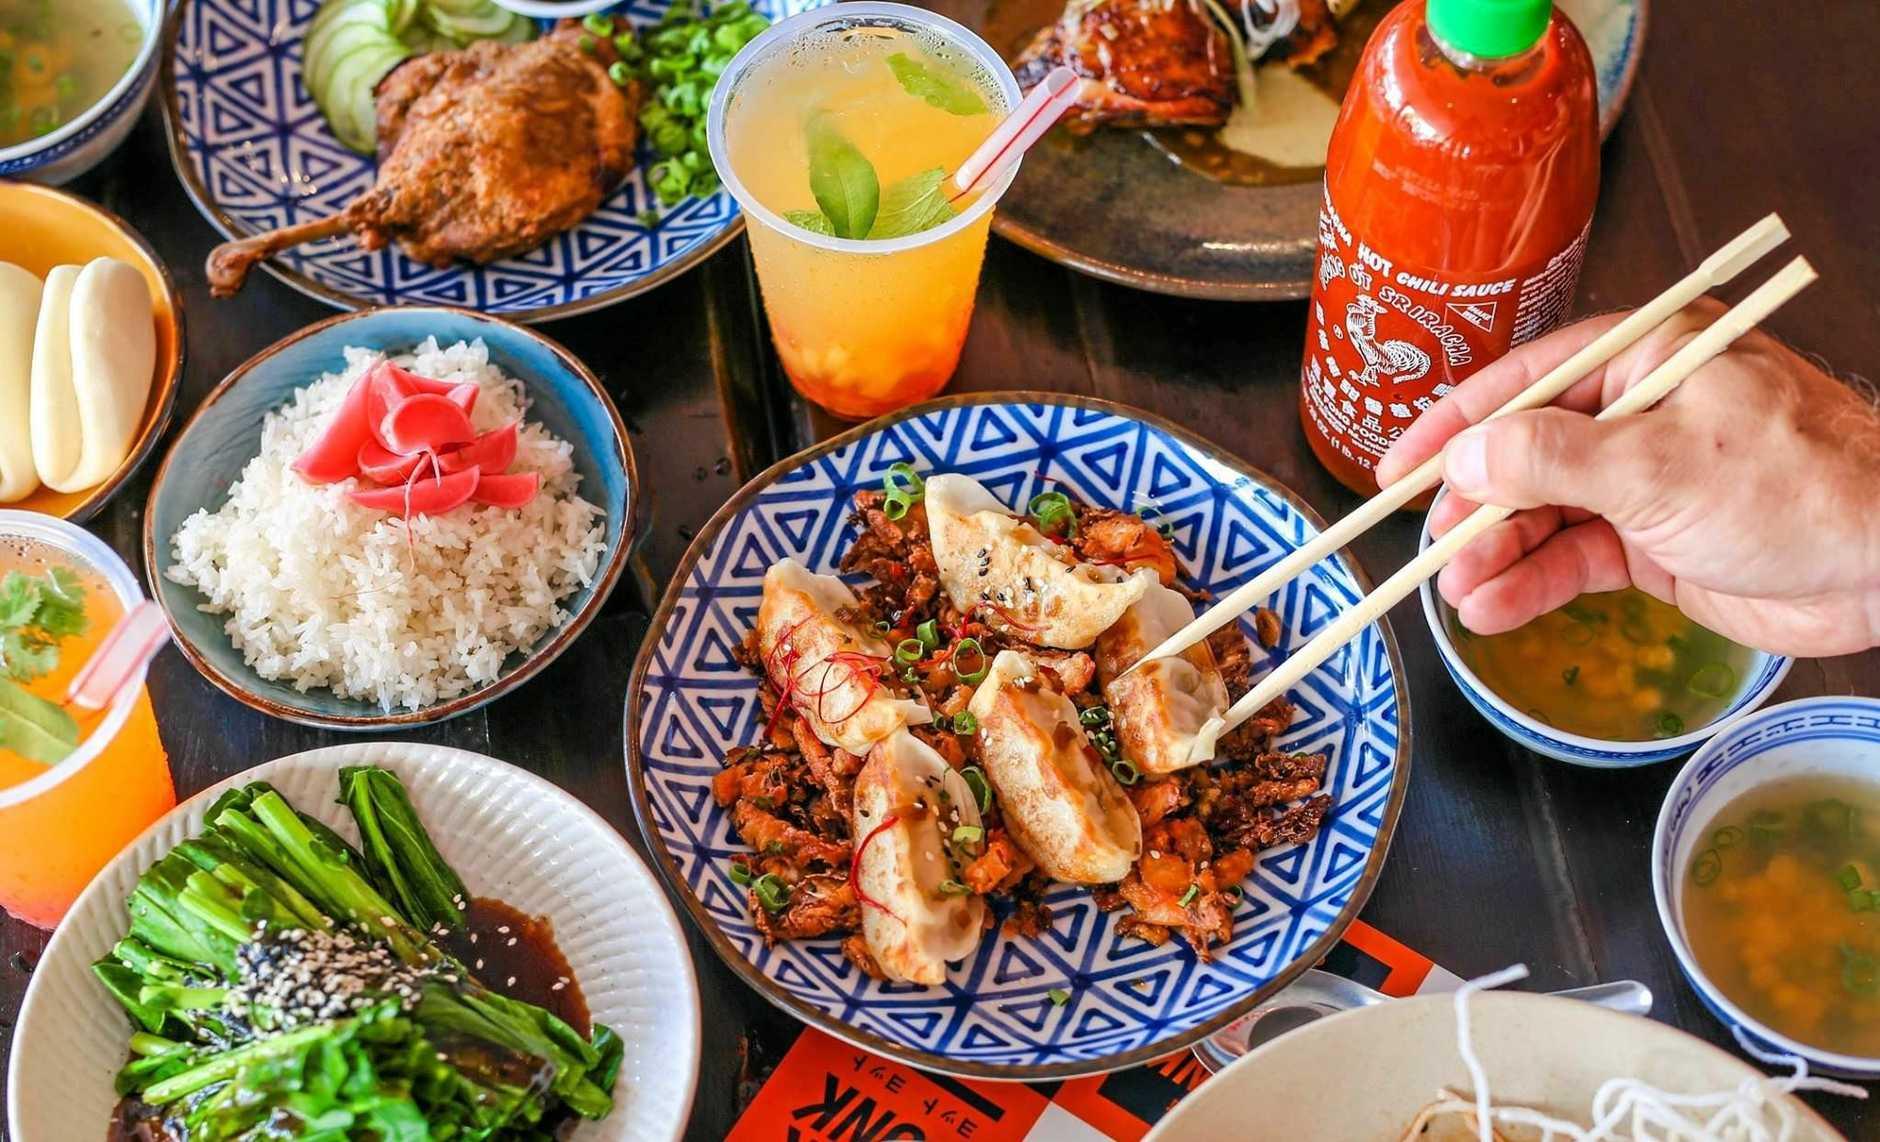 YUM: Indulge in Chinese New Year treats.